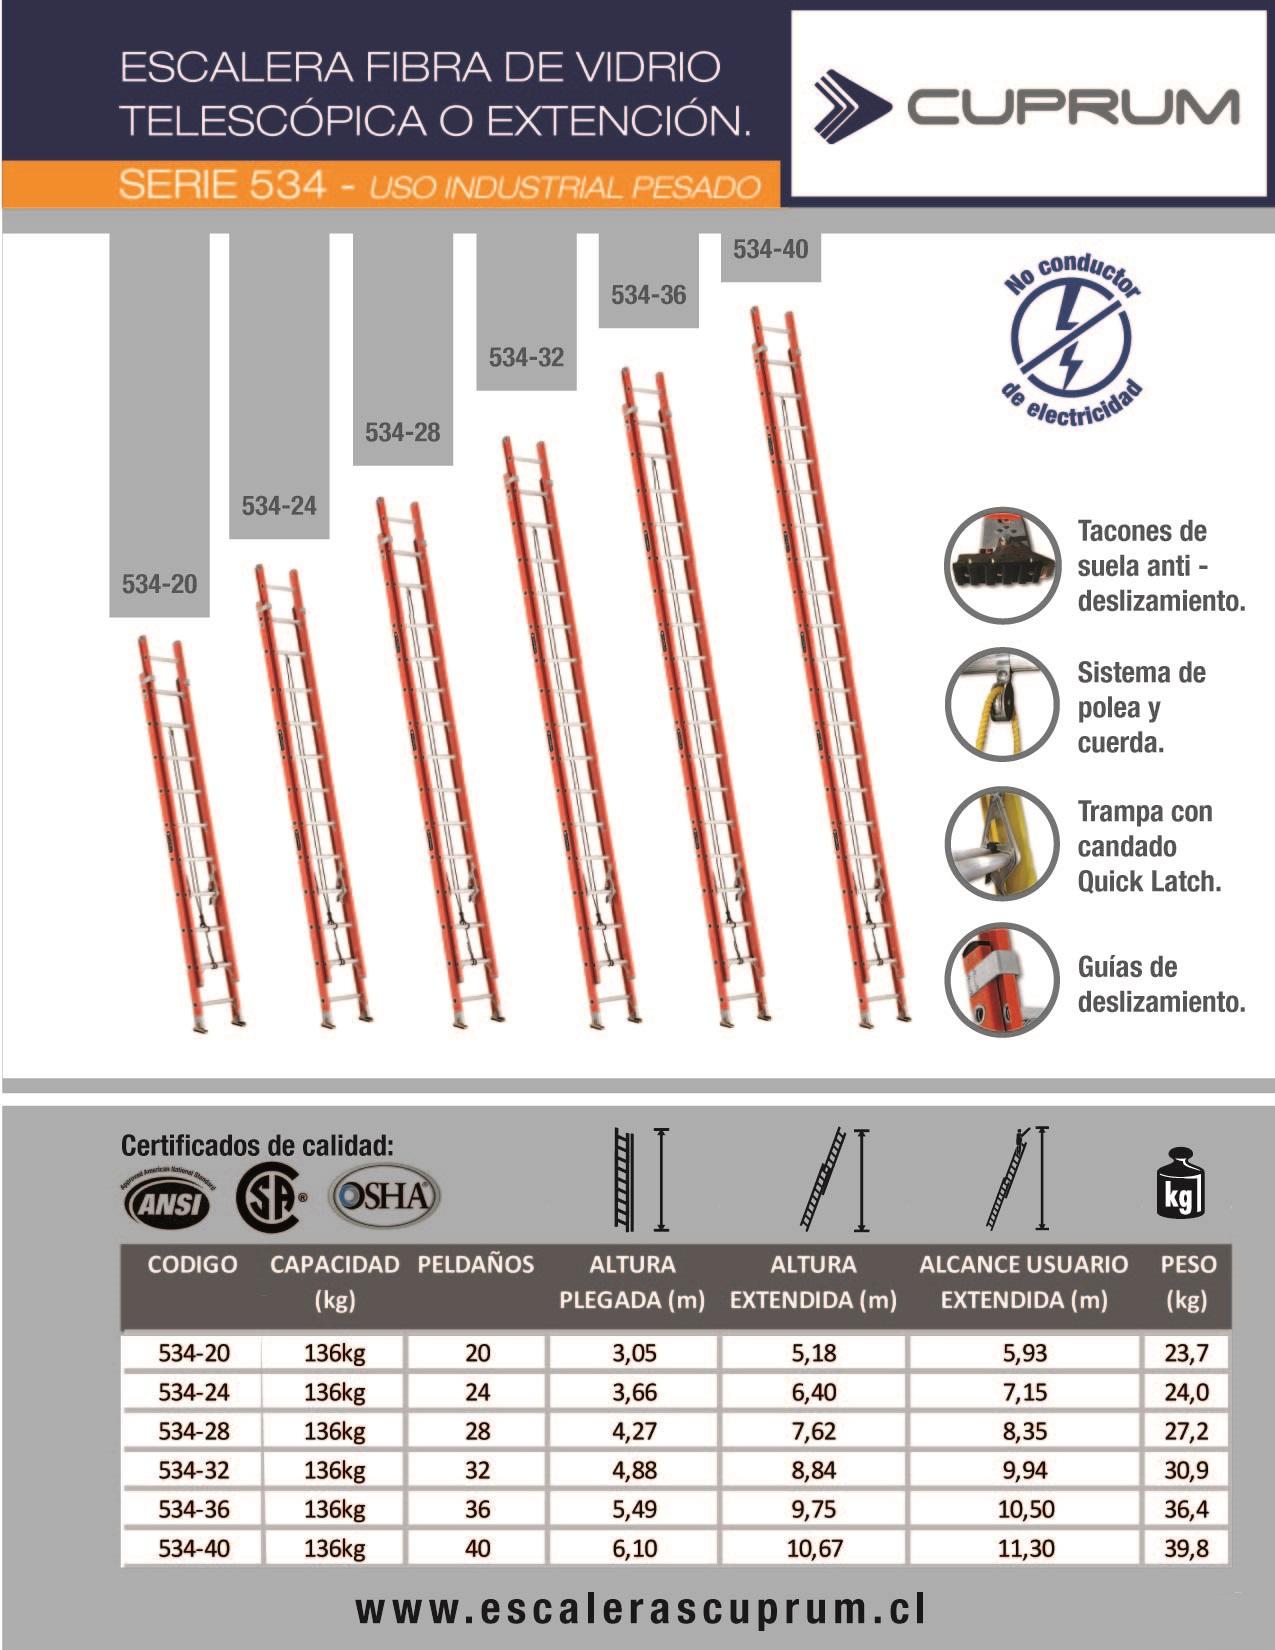 Escalera telescopica extensi n fibra de vidrio for Escalera de aluminio extensible 9 metros